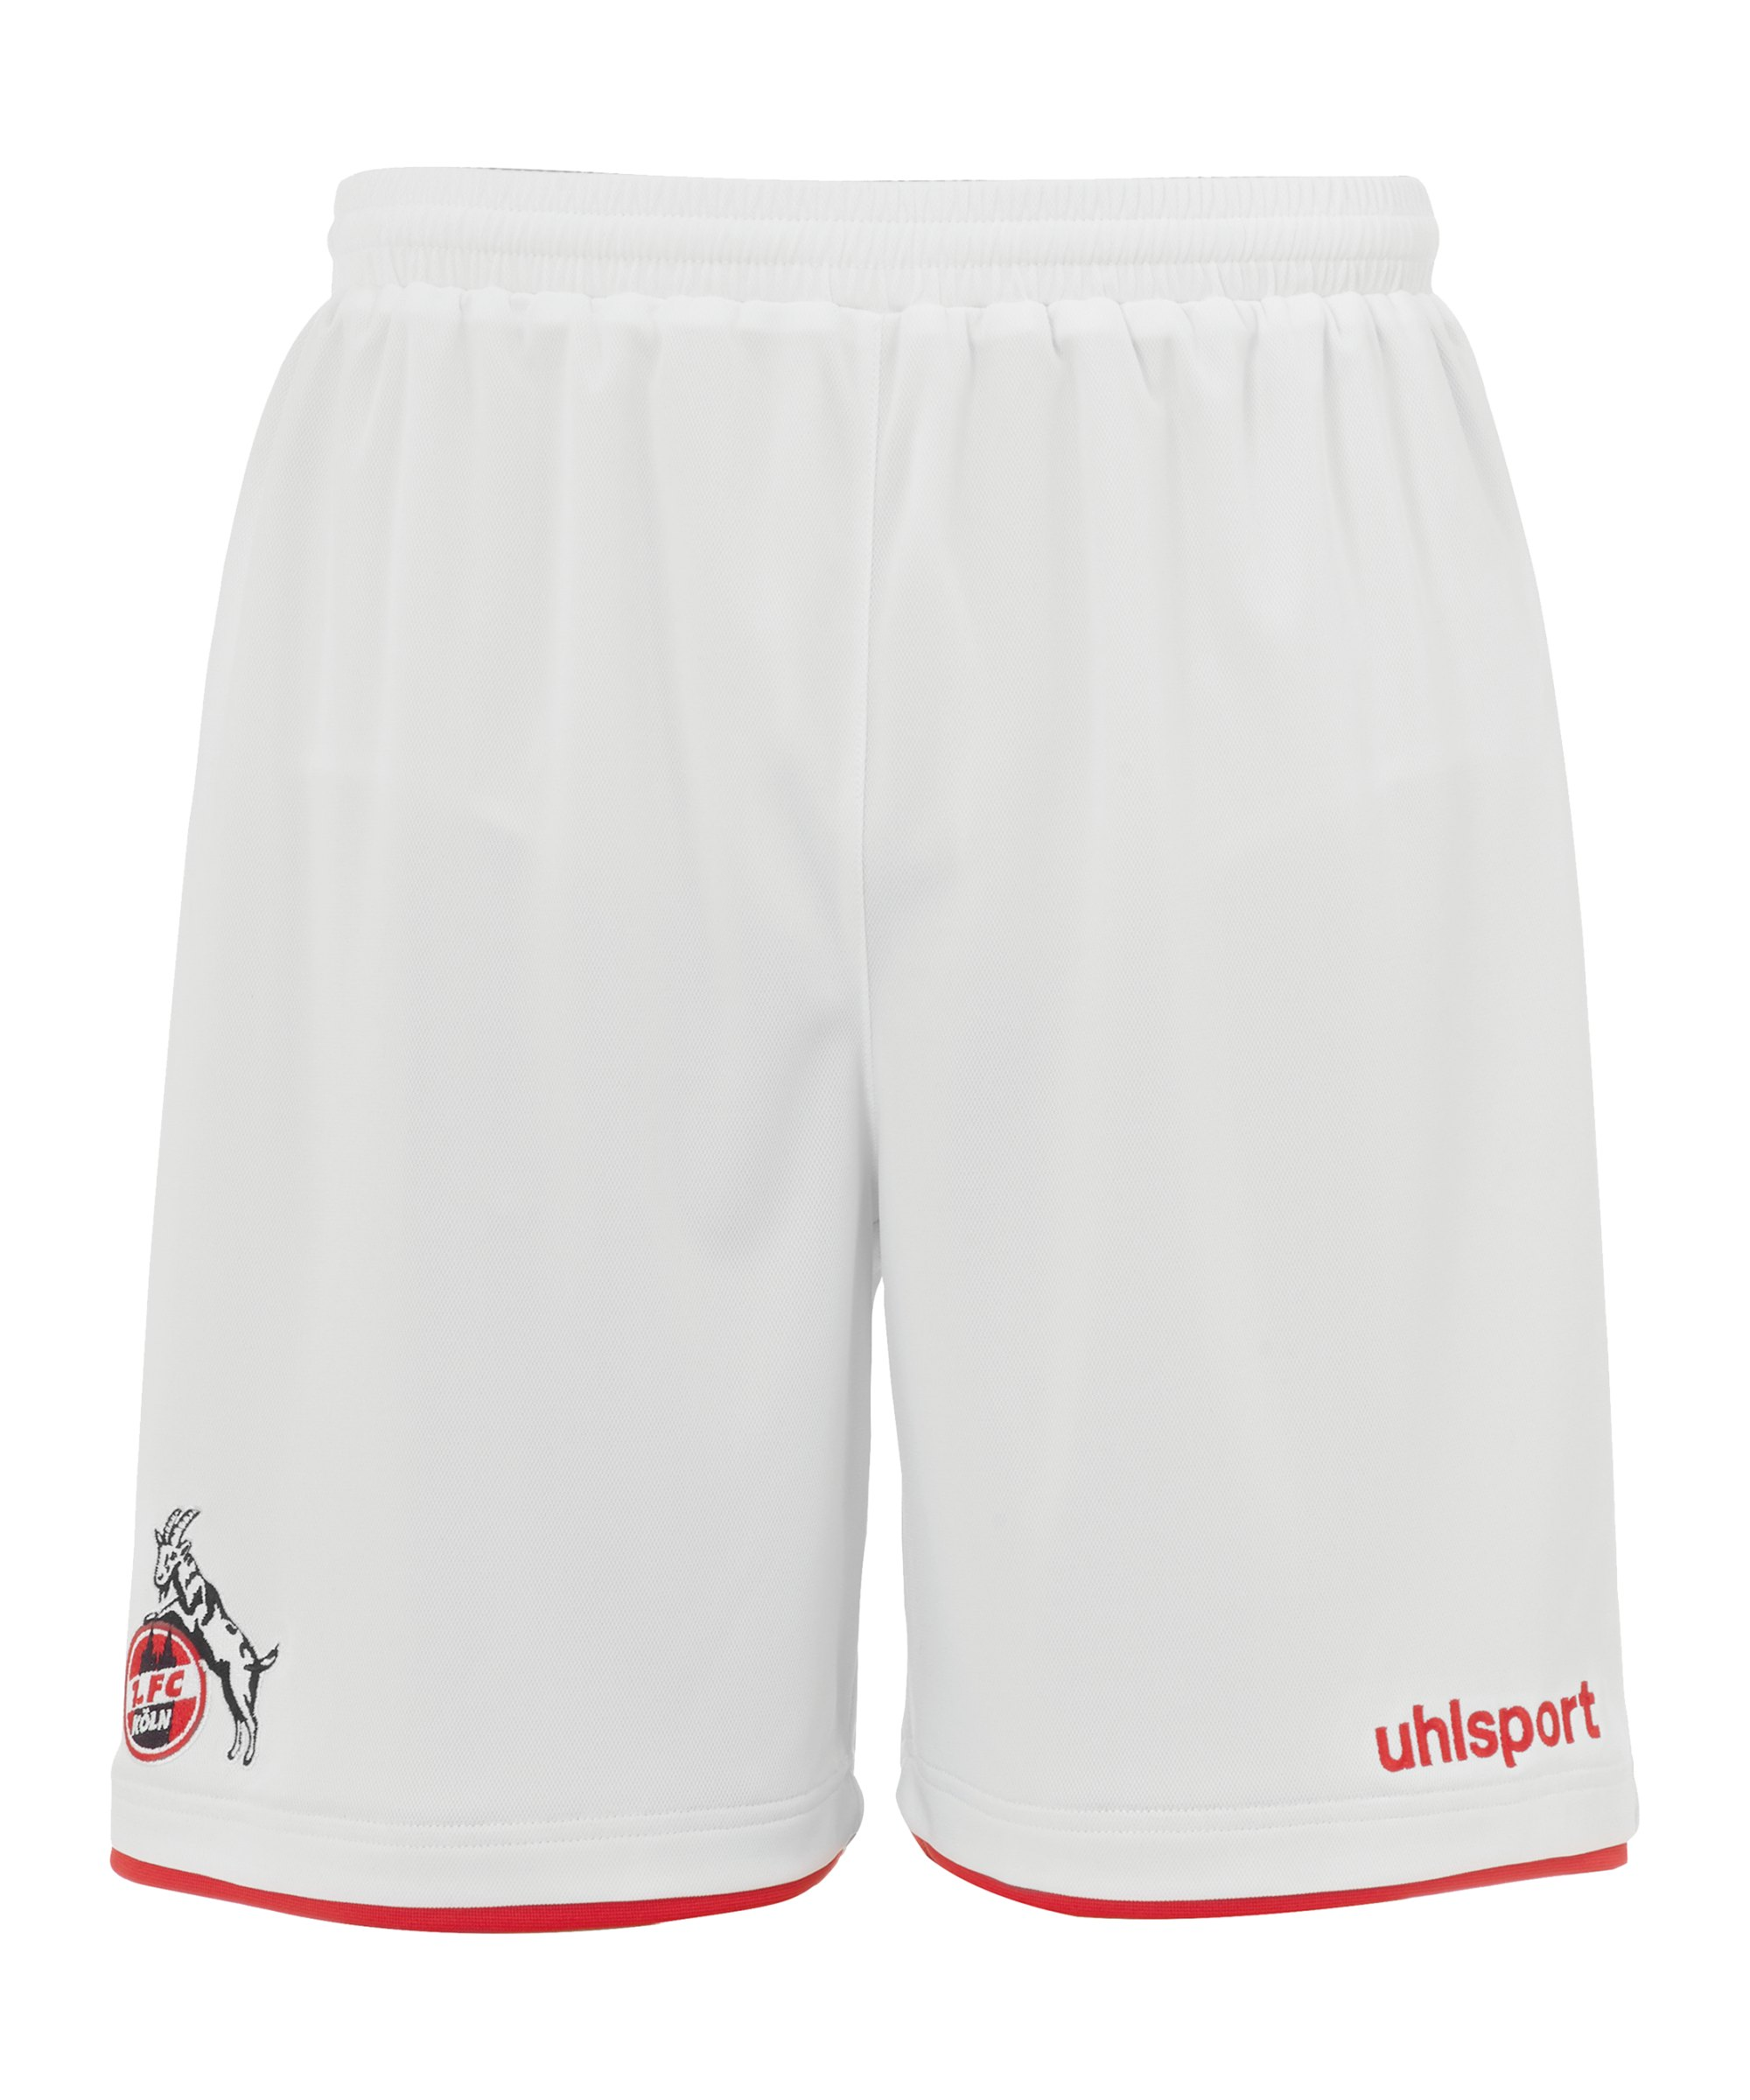 Uhlsport 1. FC Köln Short Home 2021/2022 Kids Weiss - weiss